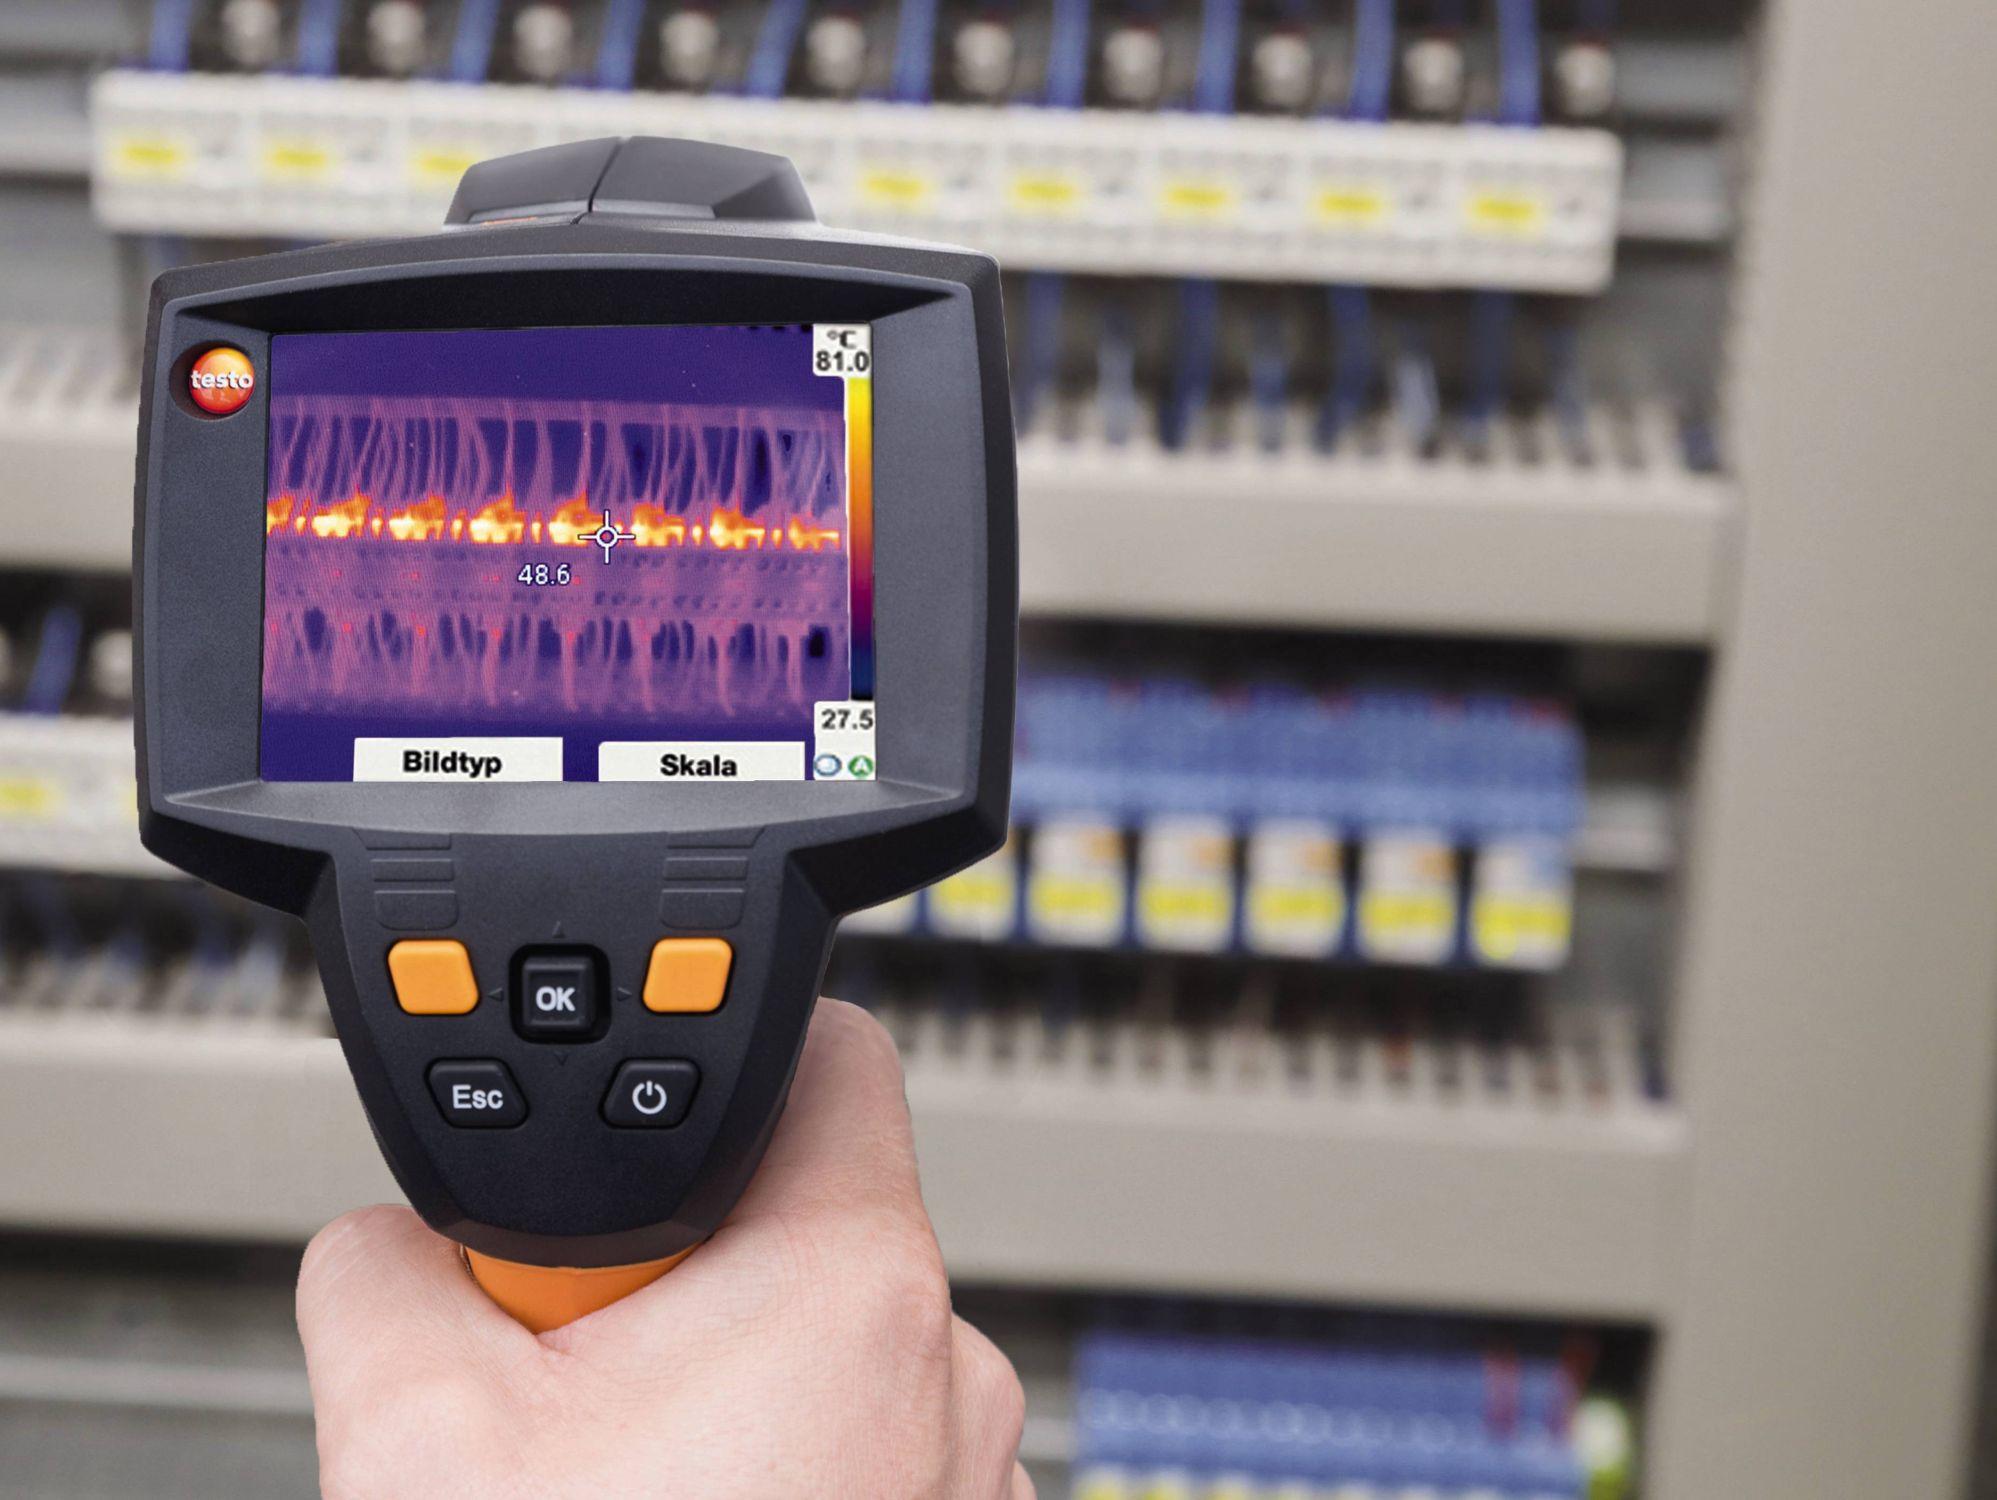 電気設備や配管の熱漏れ、保全診断用サーモグラフィー